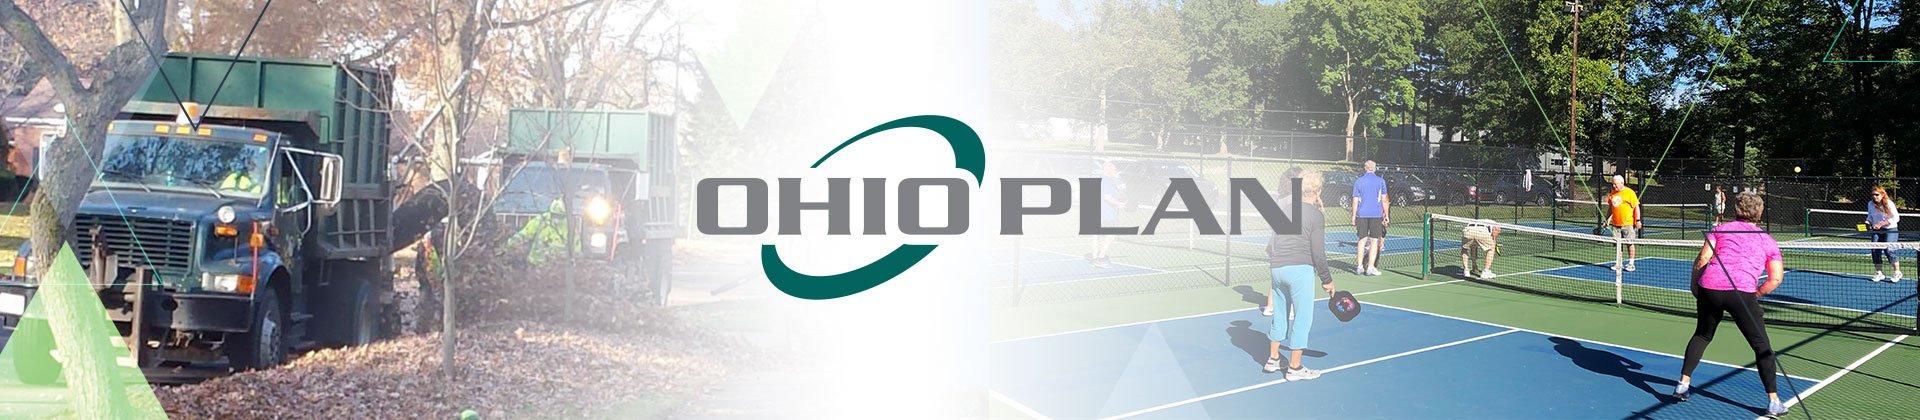 OhioPlan-slider20